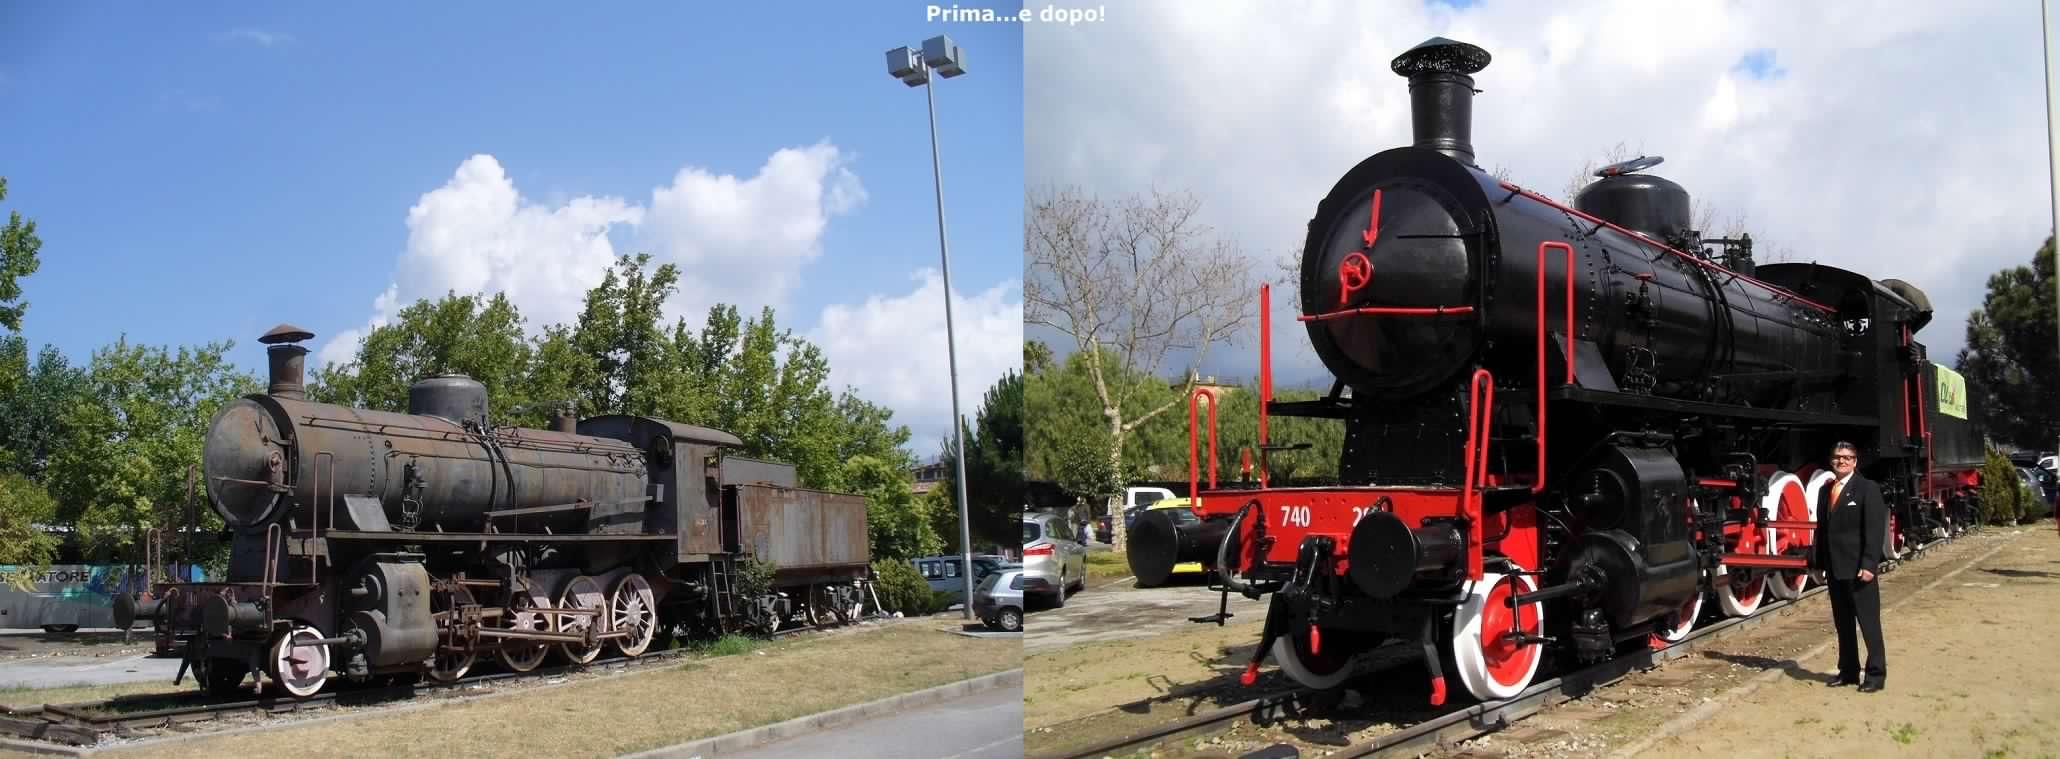 740 287-LameziaTerme-2011-07-02-RobertoGalati